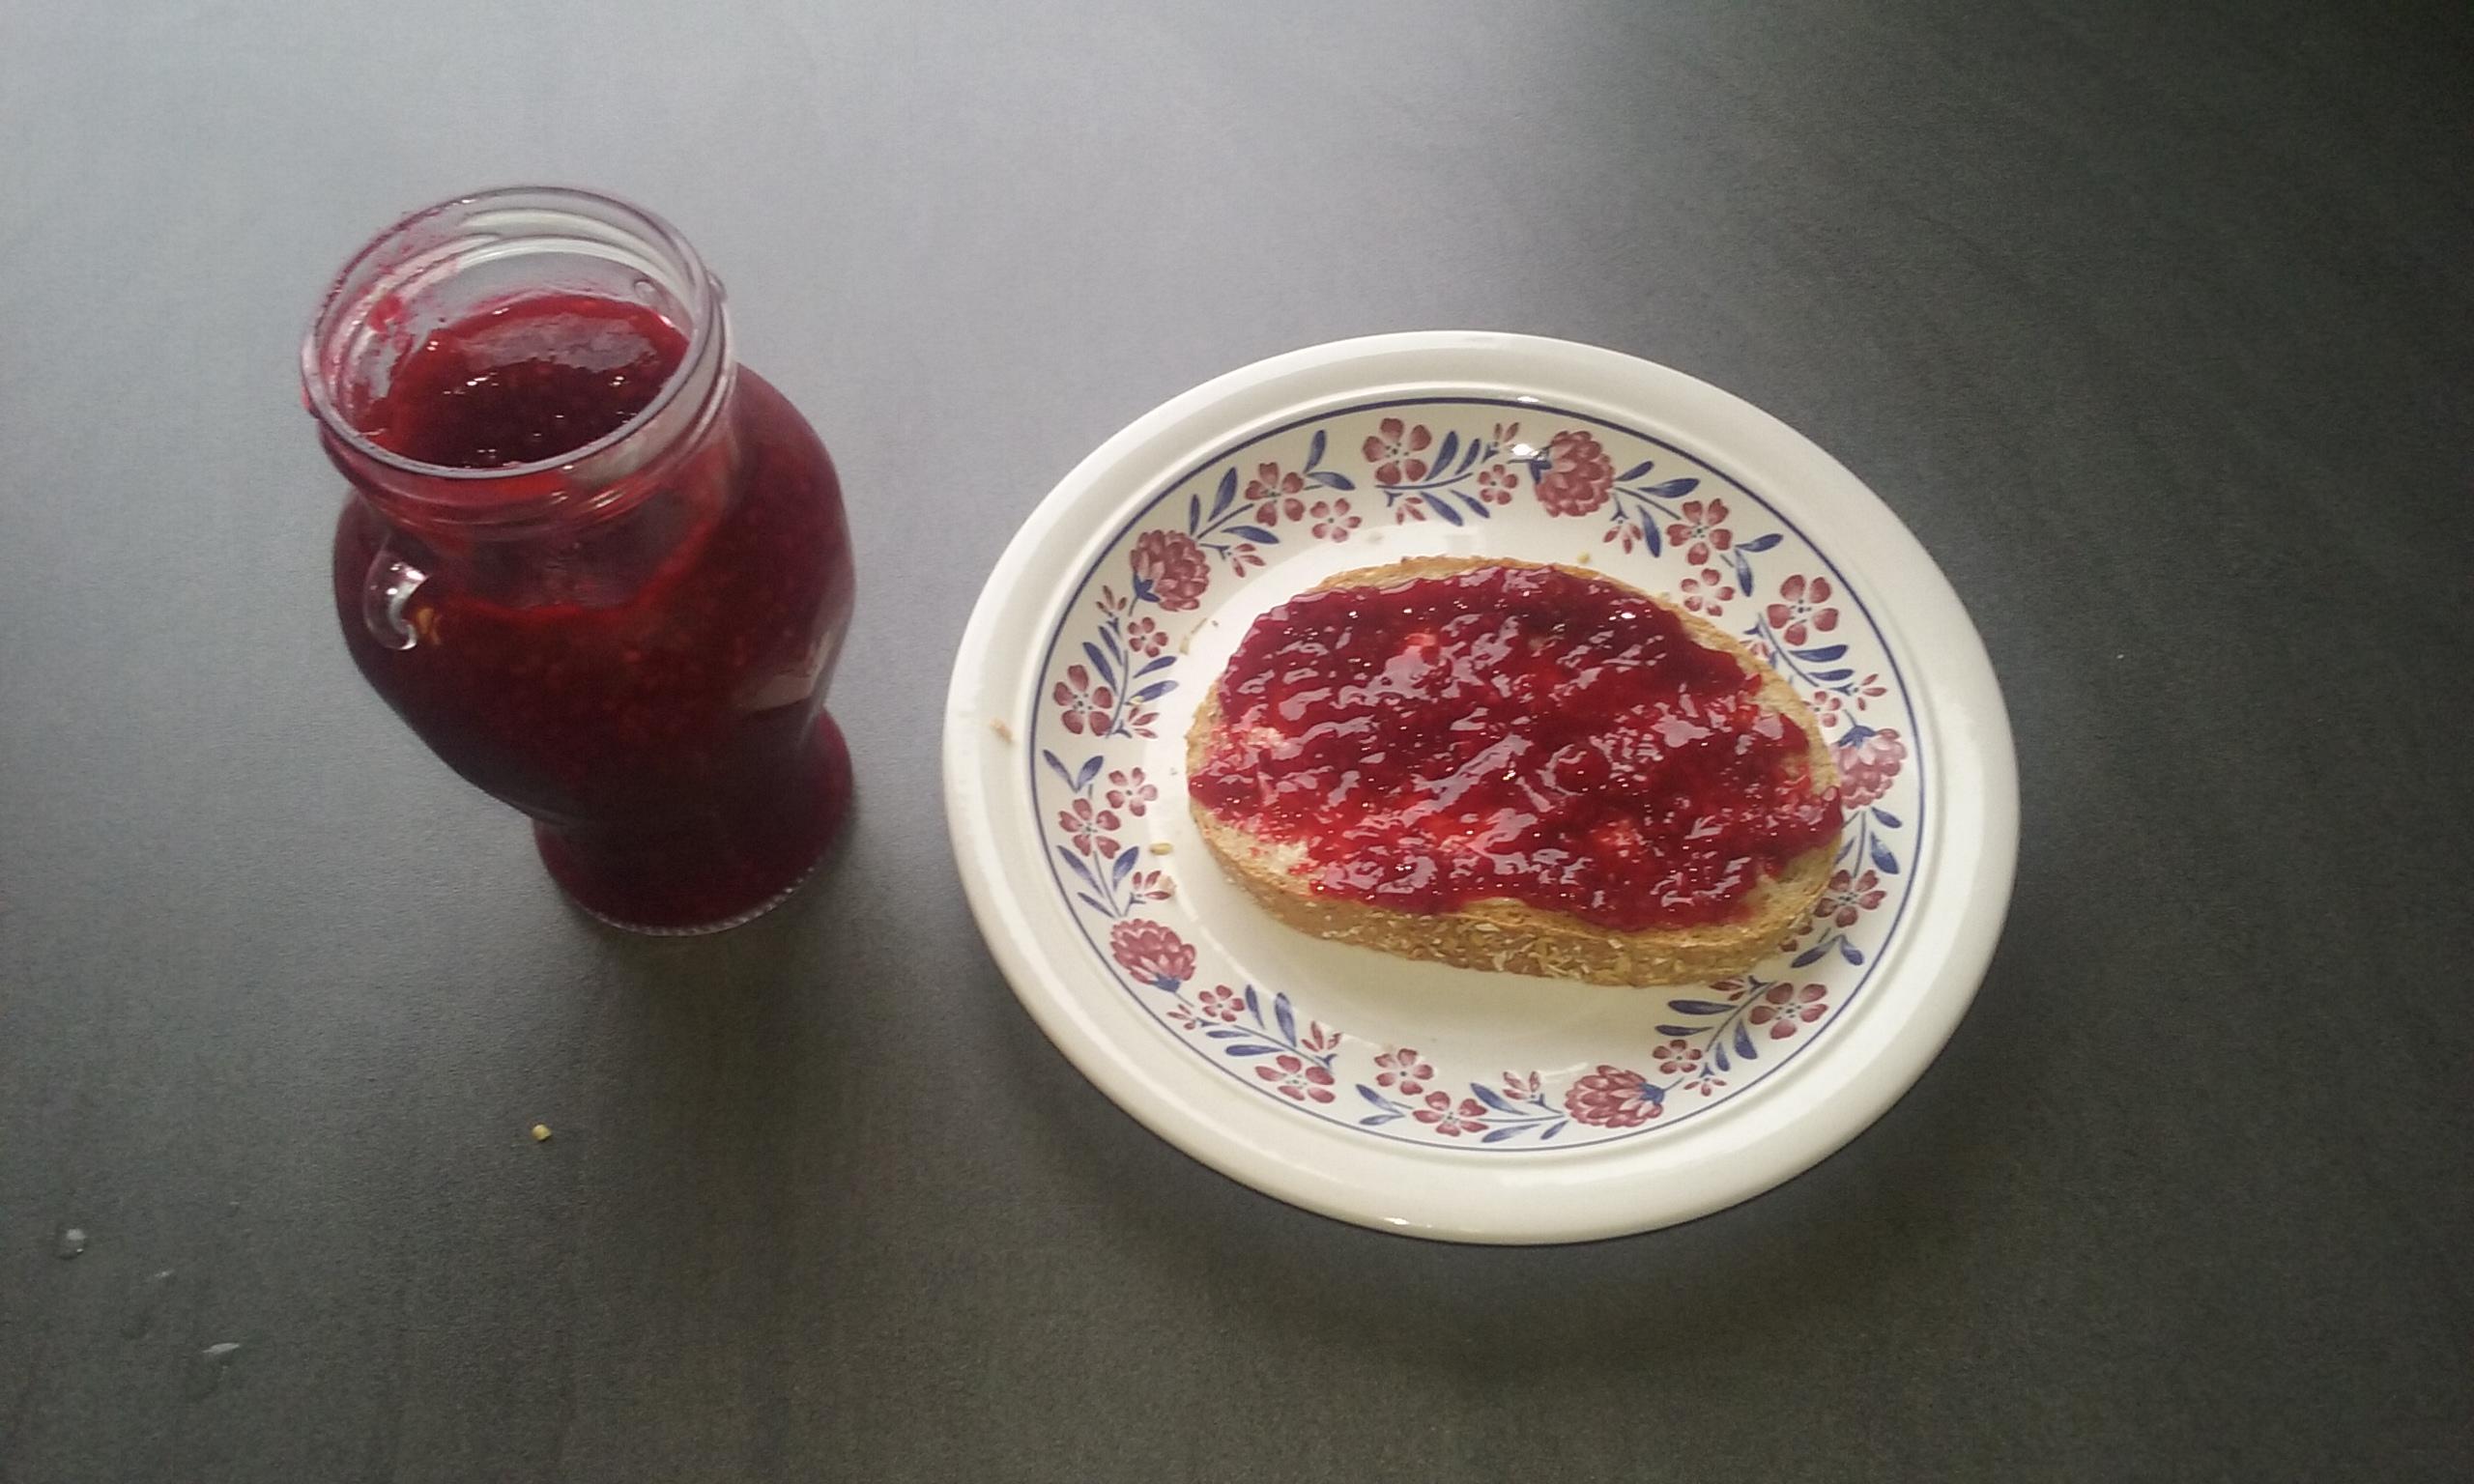 Delicious rasperry jam